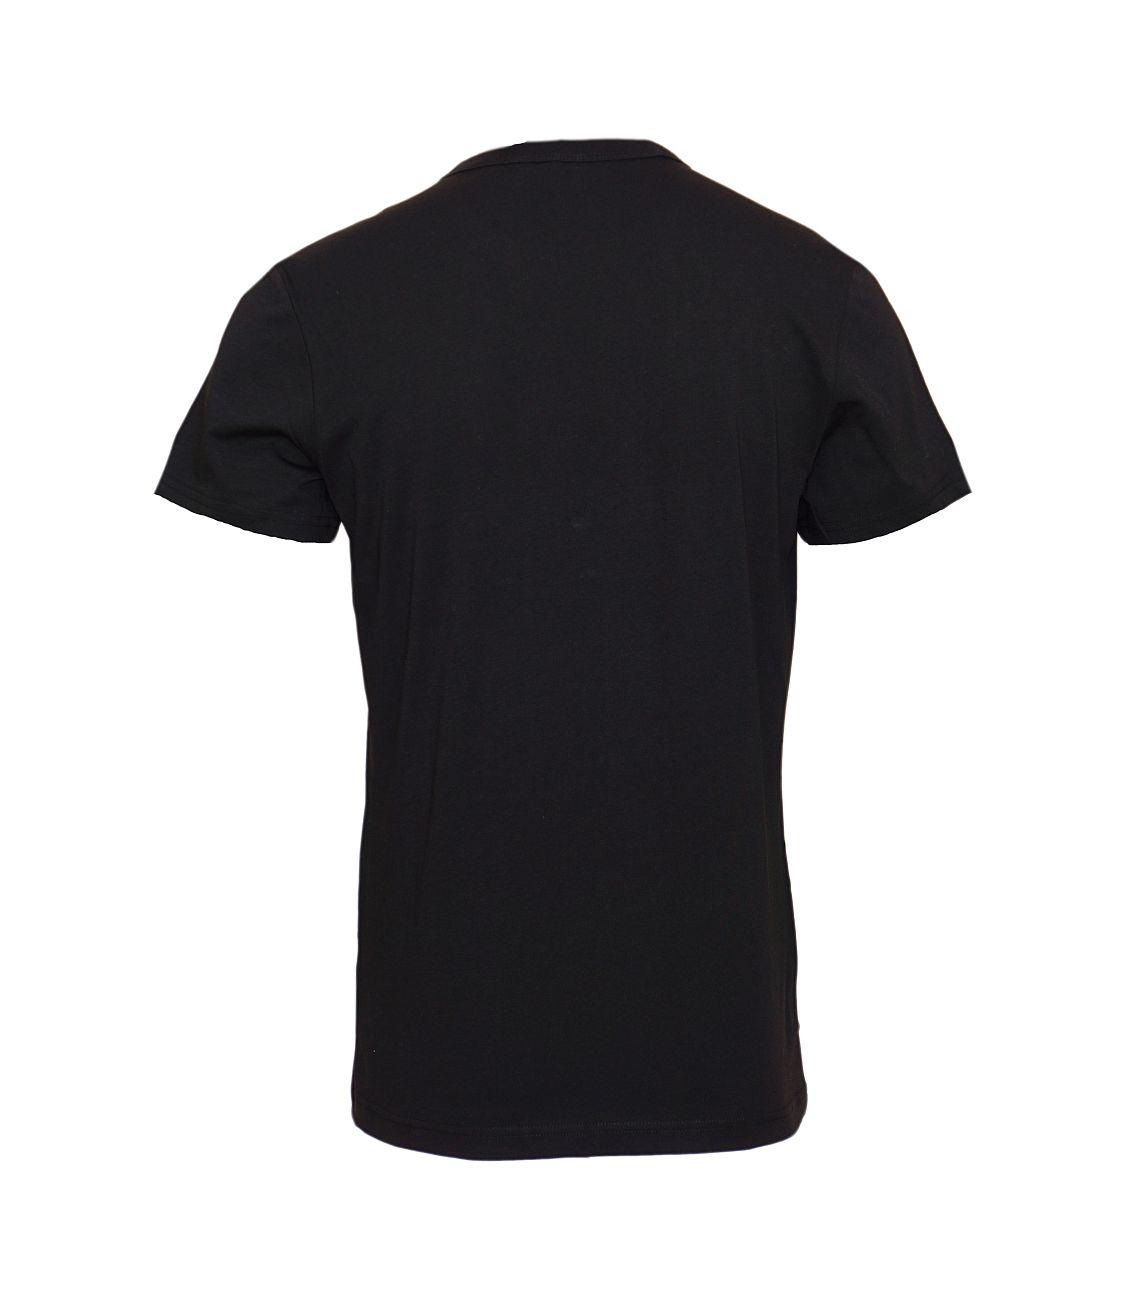 G-Star RAW T-Shirt Holorn rt D08512.8415.990 81 Black F18-GST1